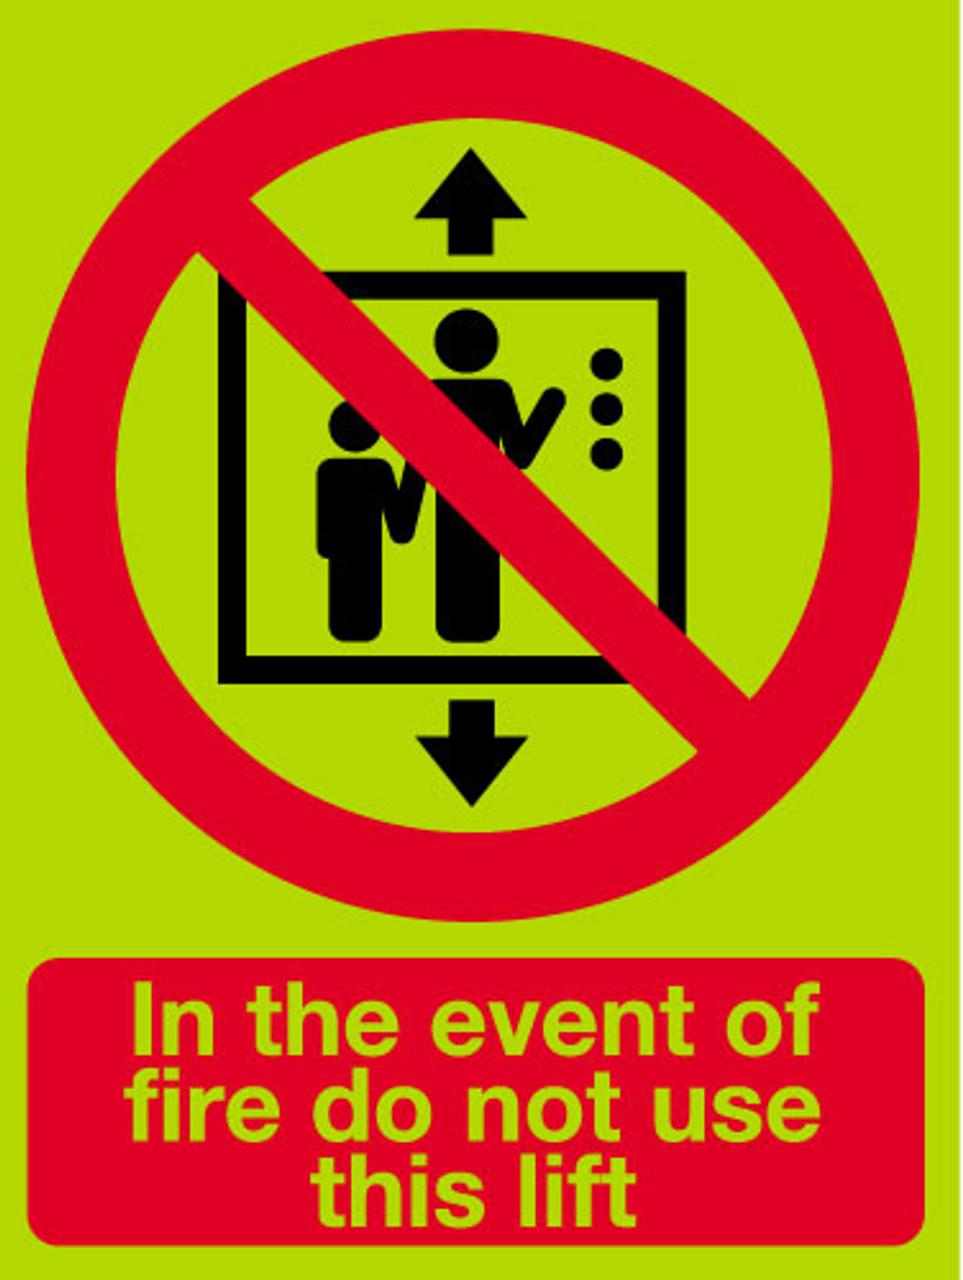 Do not use lift sign photoluminescent